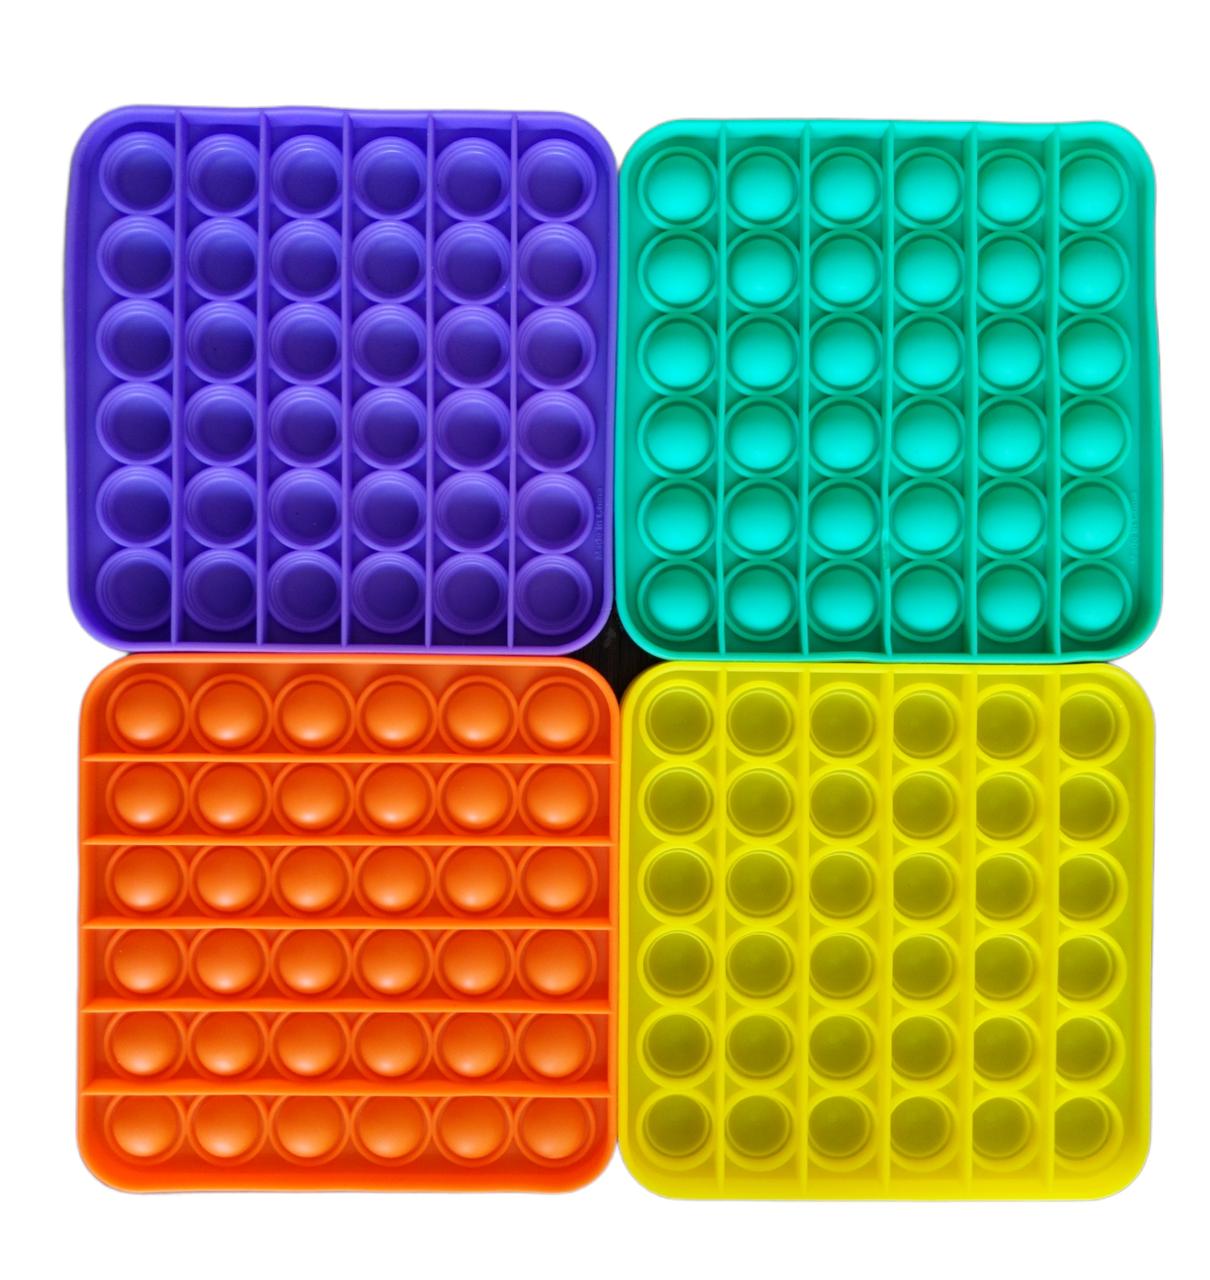 Pop It Сенсорная Игрушка, пупырка, Поп Ит Антистресс, Pop It fidget, Попит, Квадрат (Цвет на Выбор)